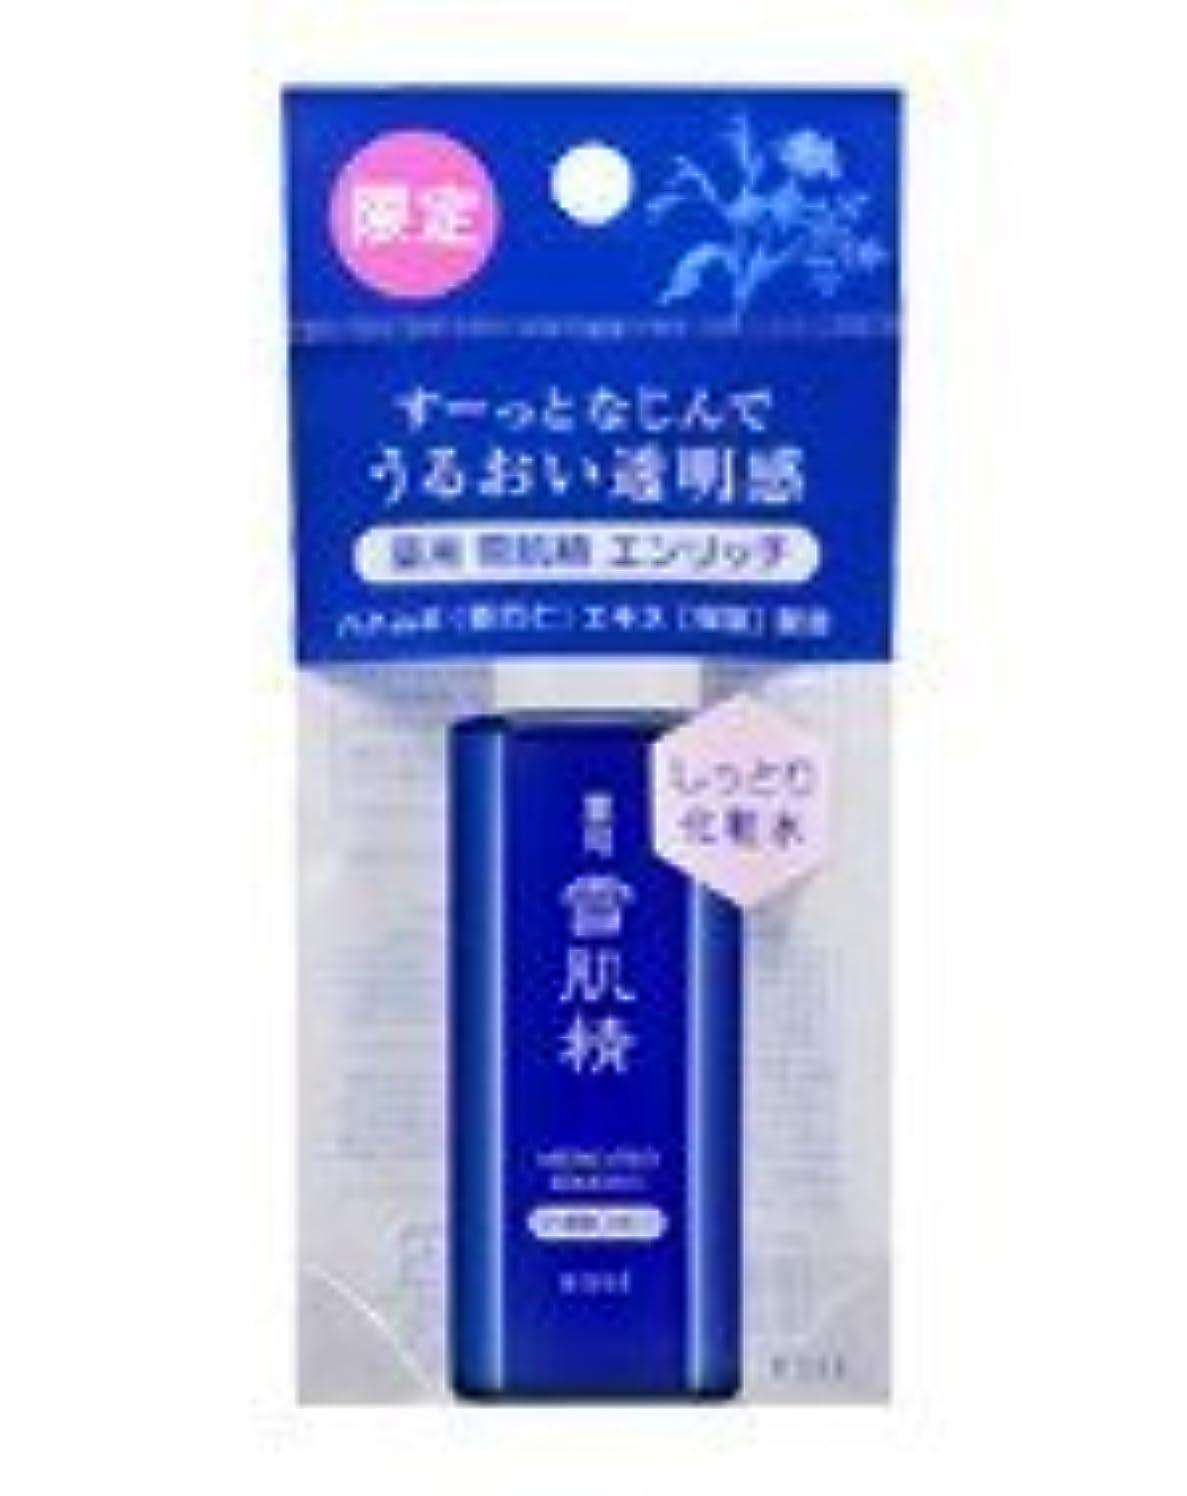 シャークいつシガレット4本セット 【限定】 kose 薬用 雪肌精 【ミニ】 24ml エンリッチ